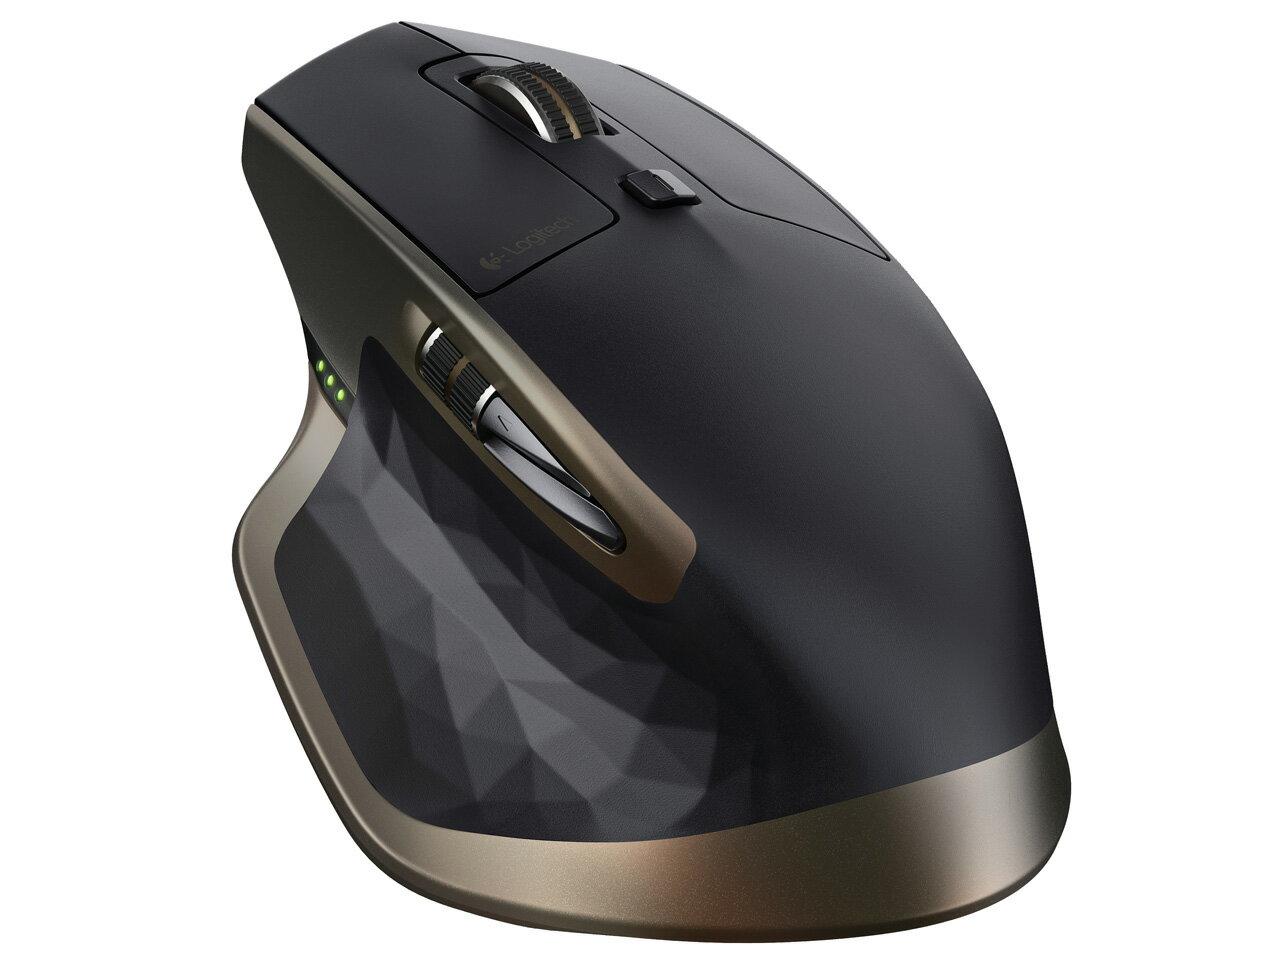 ロジクール(Logicool) MX MASTER Wireless Mouse MX2000 [ブラック]